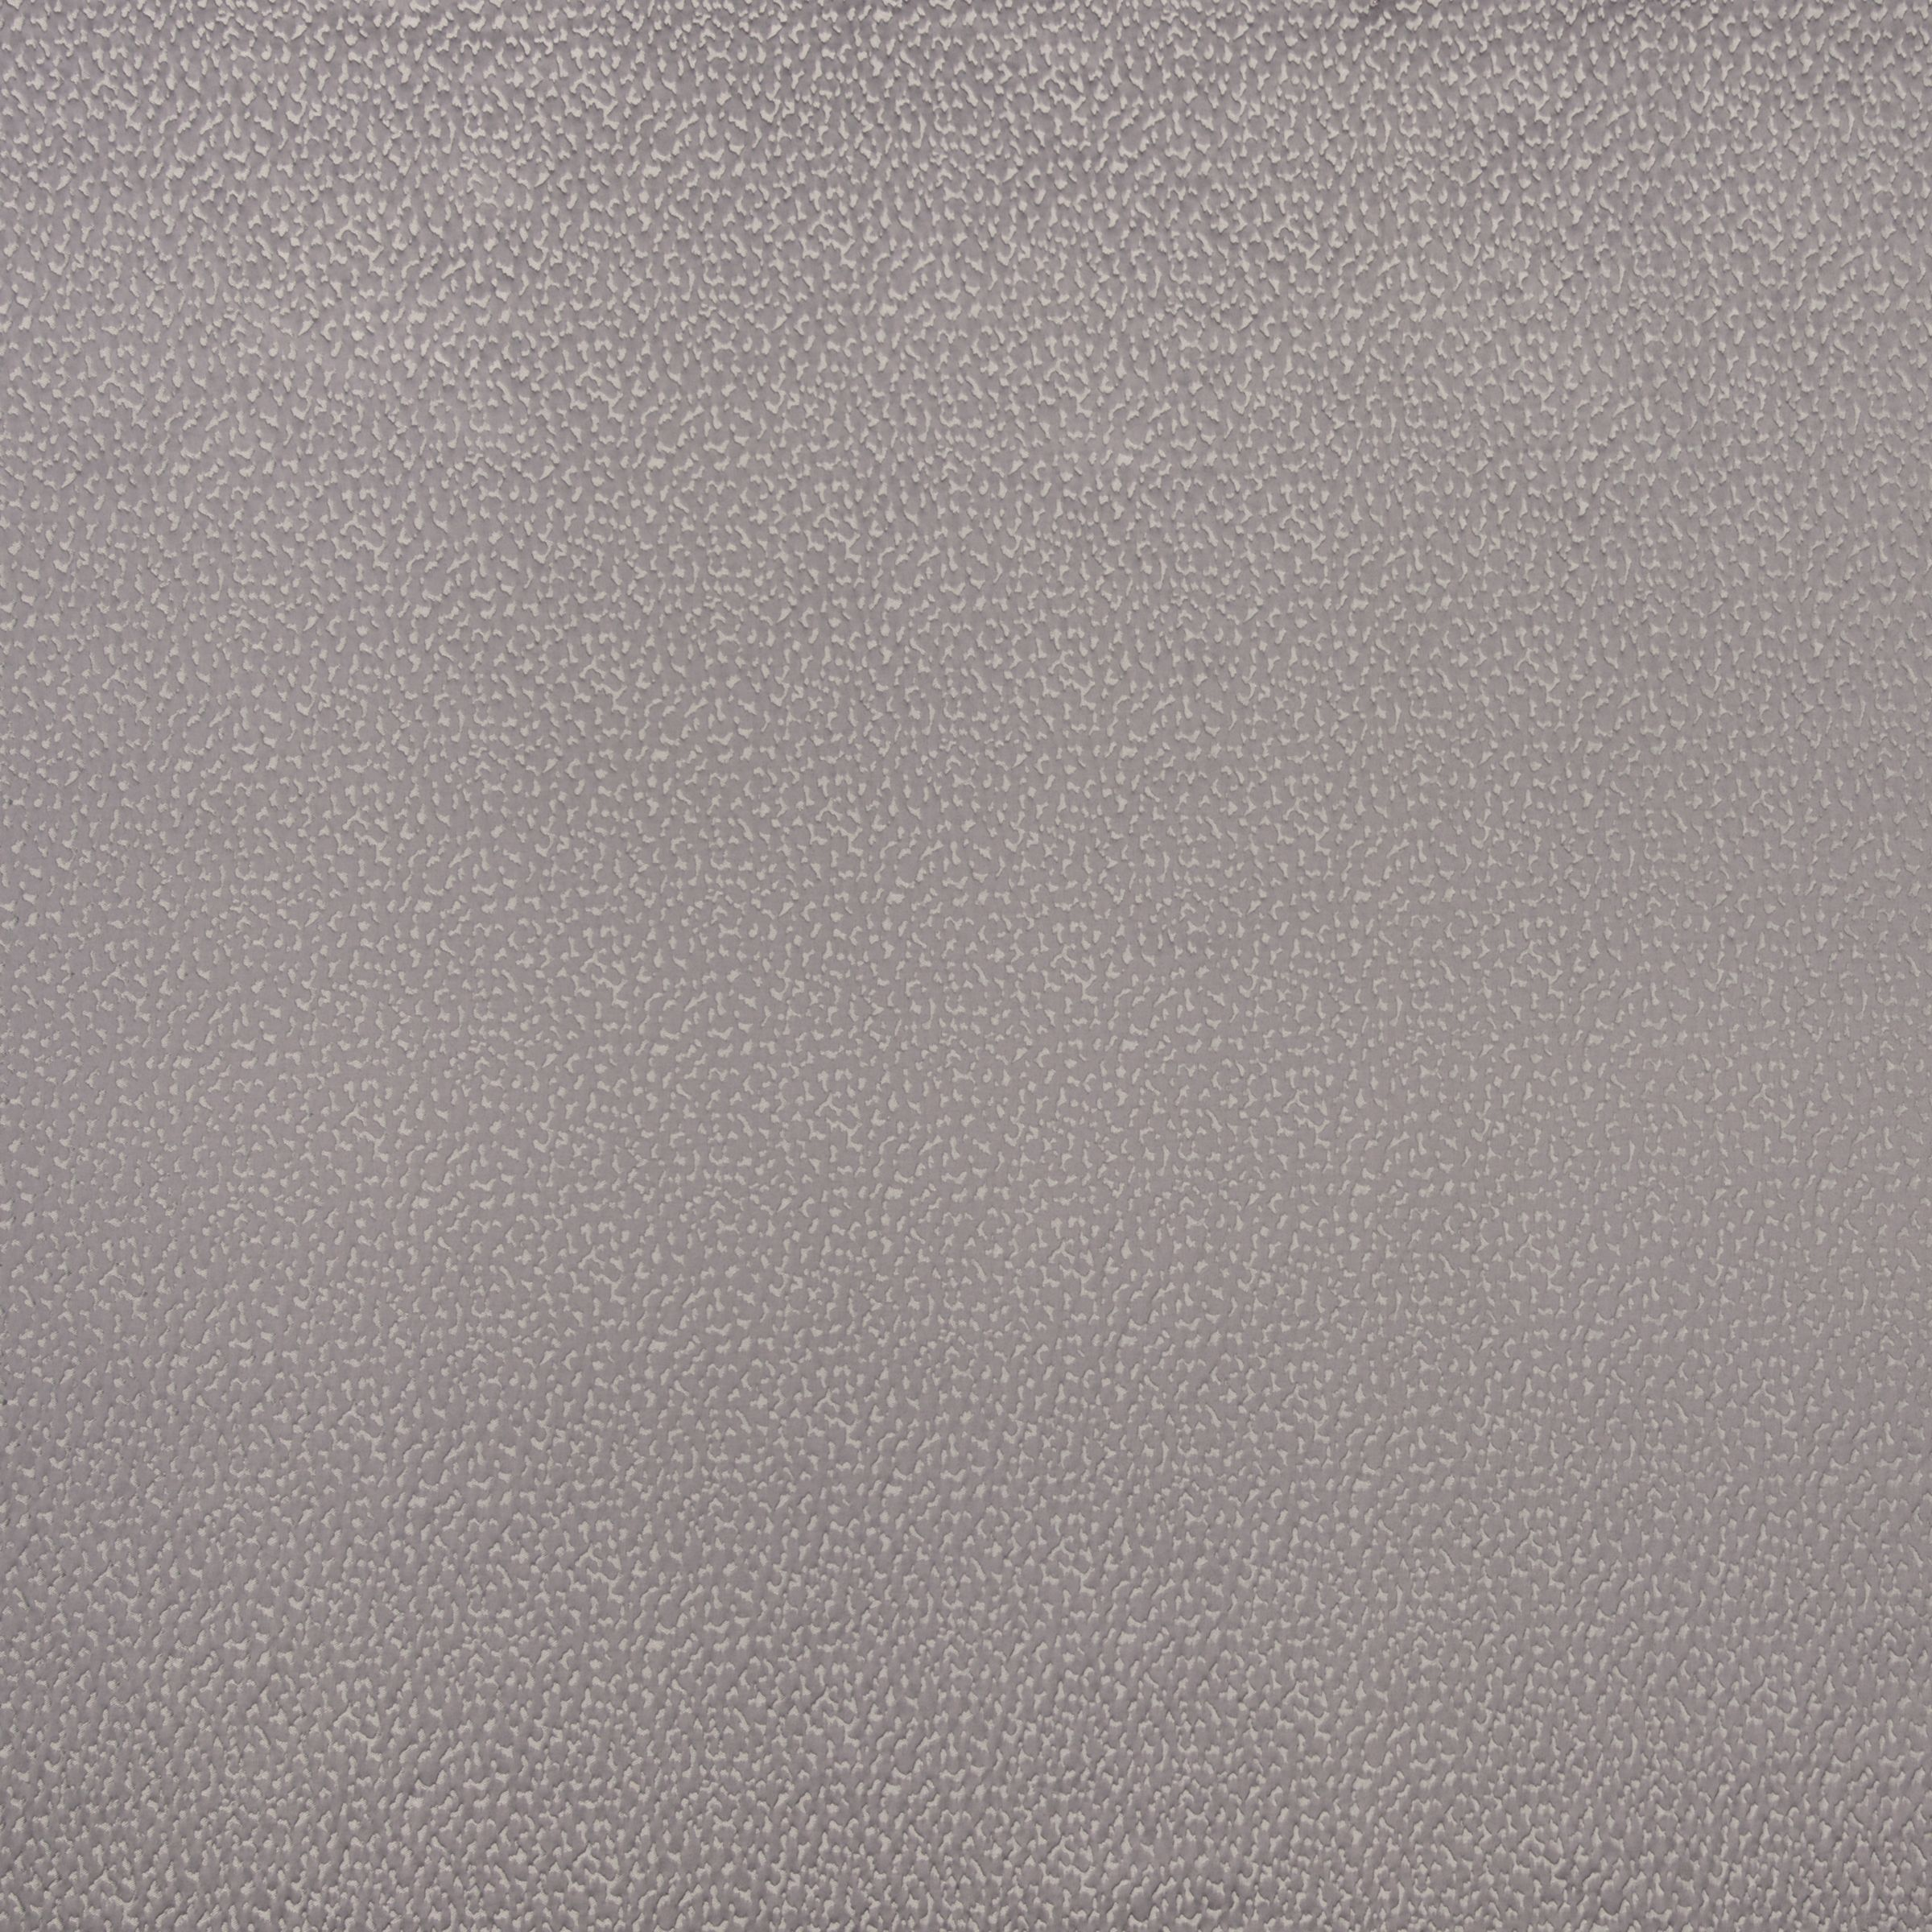 John Lewis John Lewis Astar Furnishing Fabric